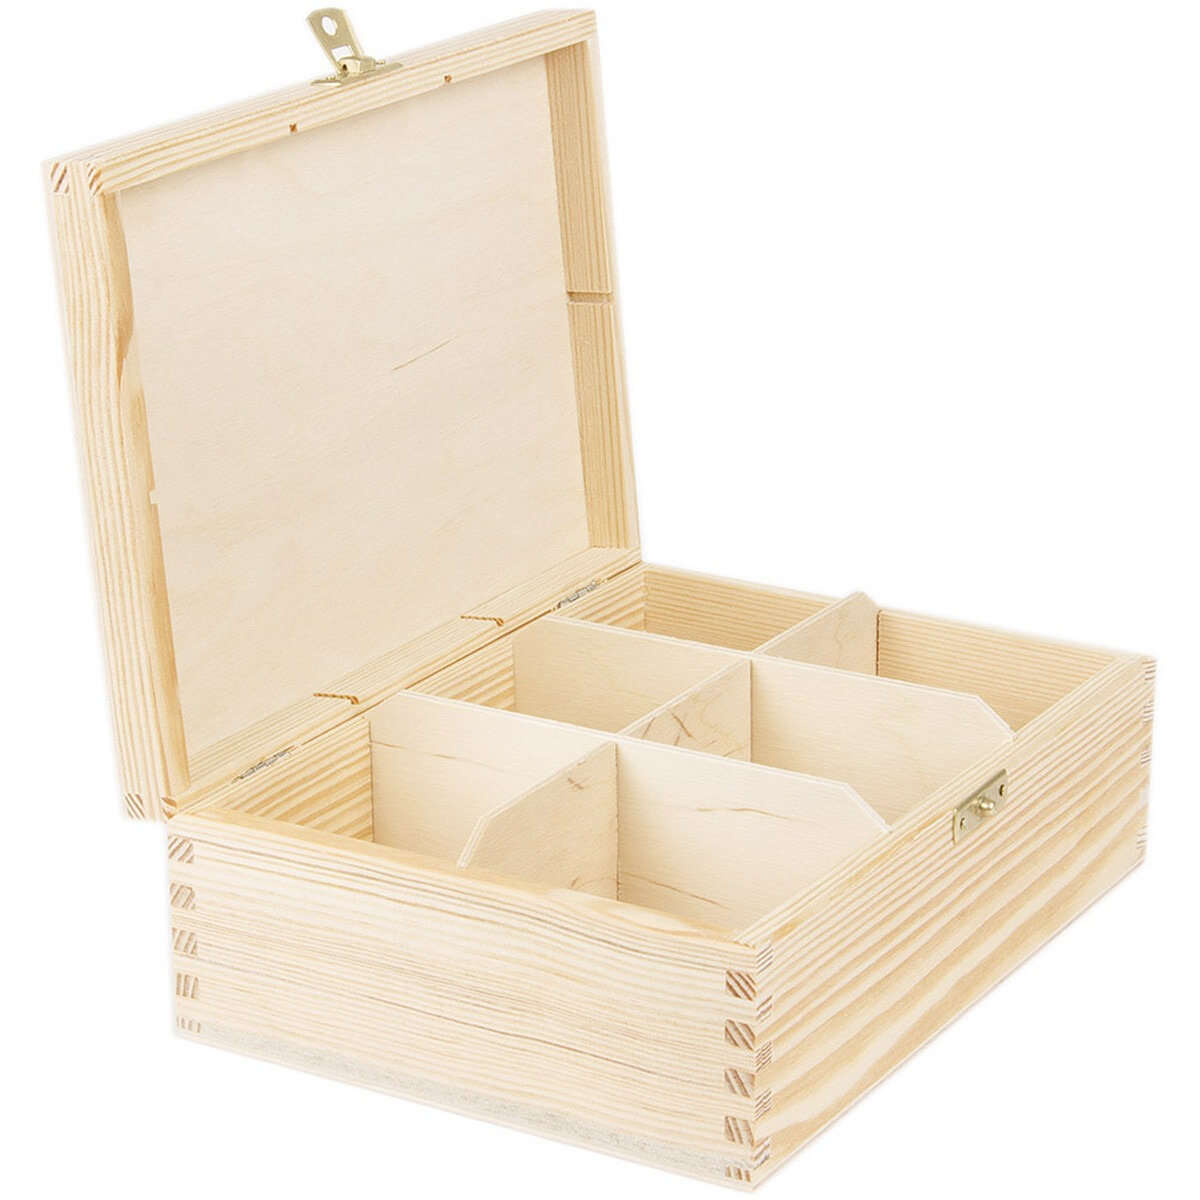 6 teef cher kiste aus hellem holz 225 x 165 mm 6 59. Black Bedroom Furniture Sets. Home Design Ideas